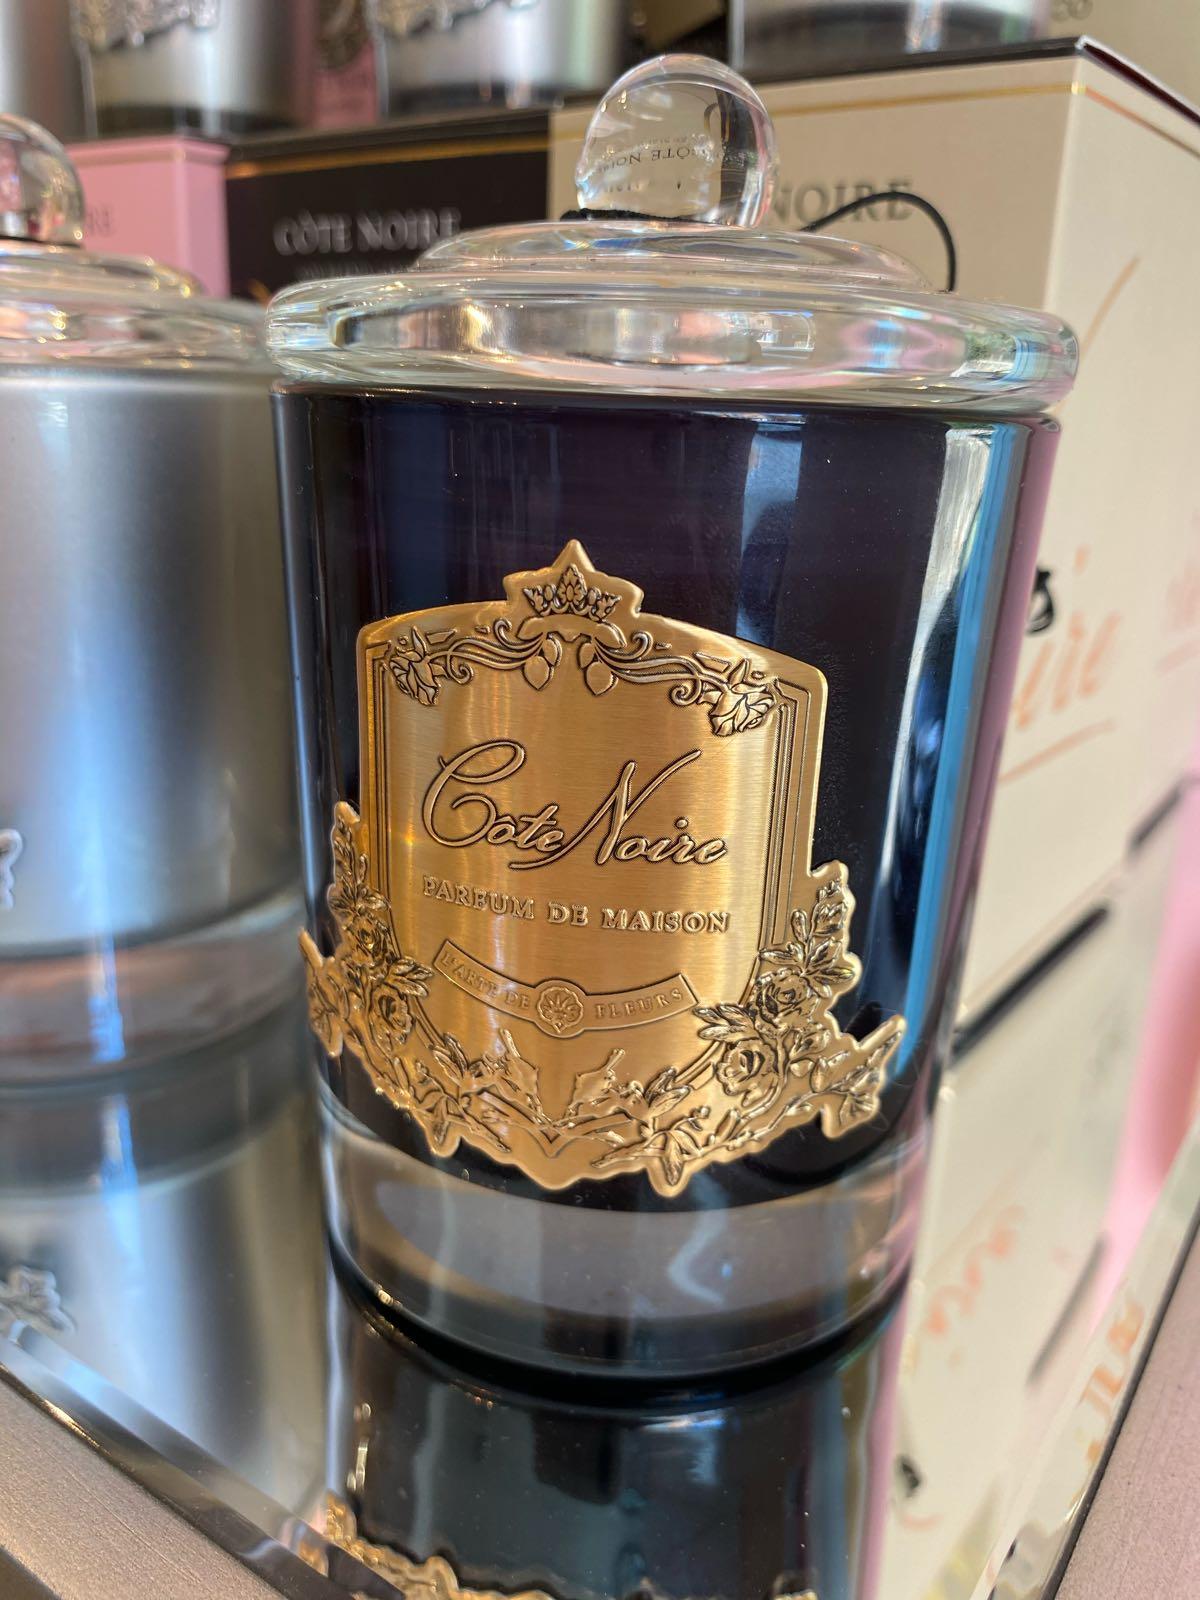 Cote Noire Prosecco Candle 185g